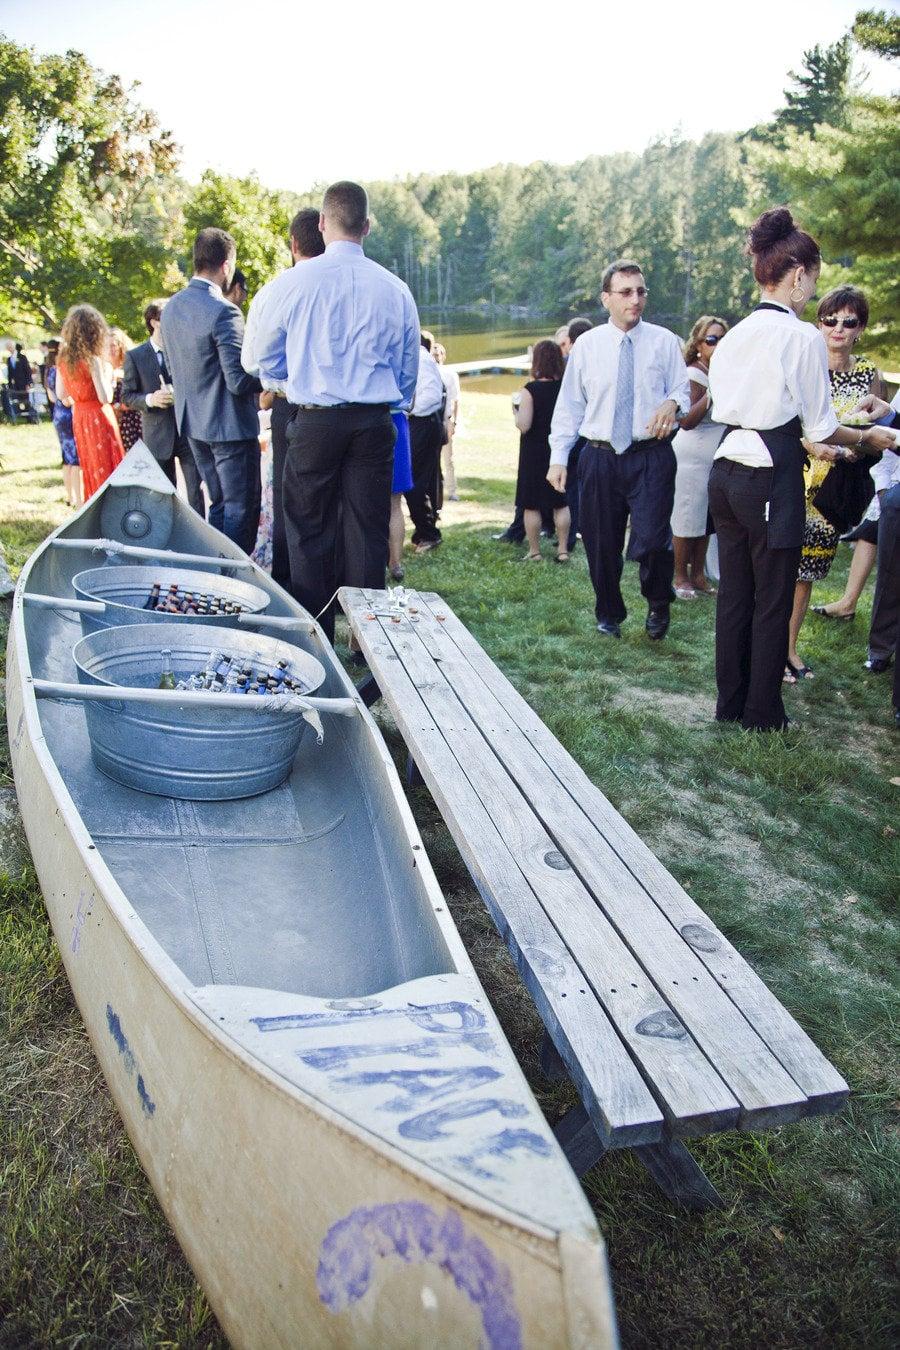 Canoe Beer Buckets